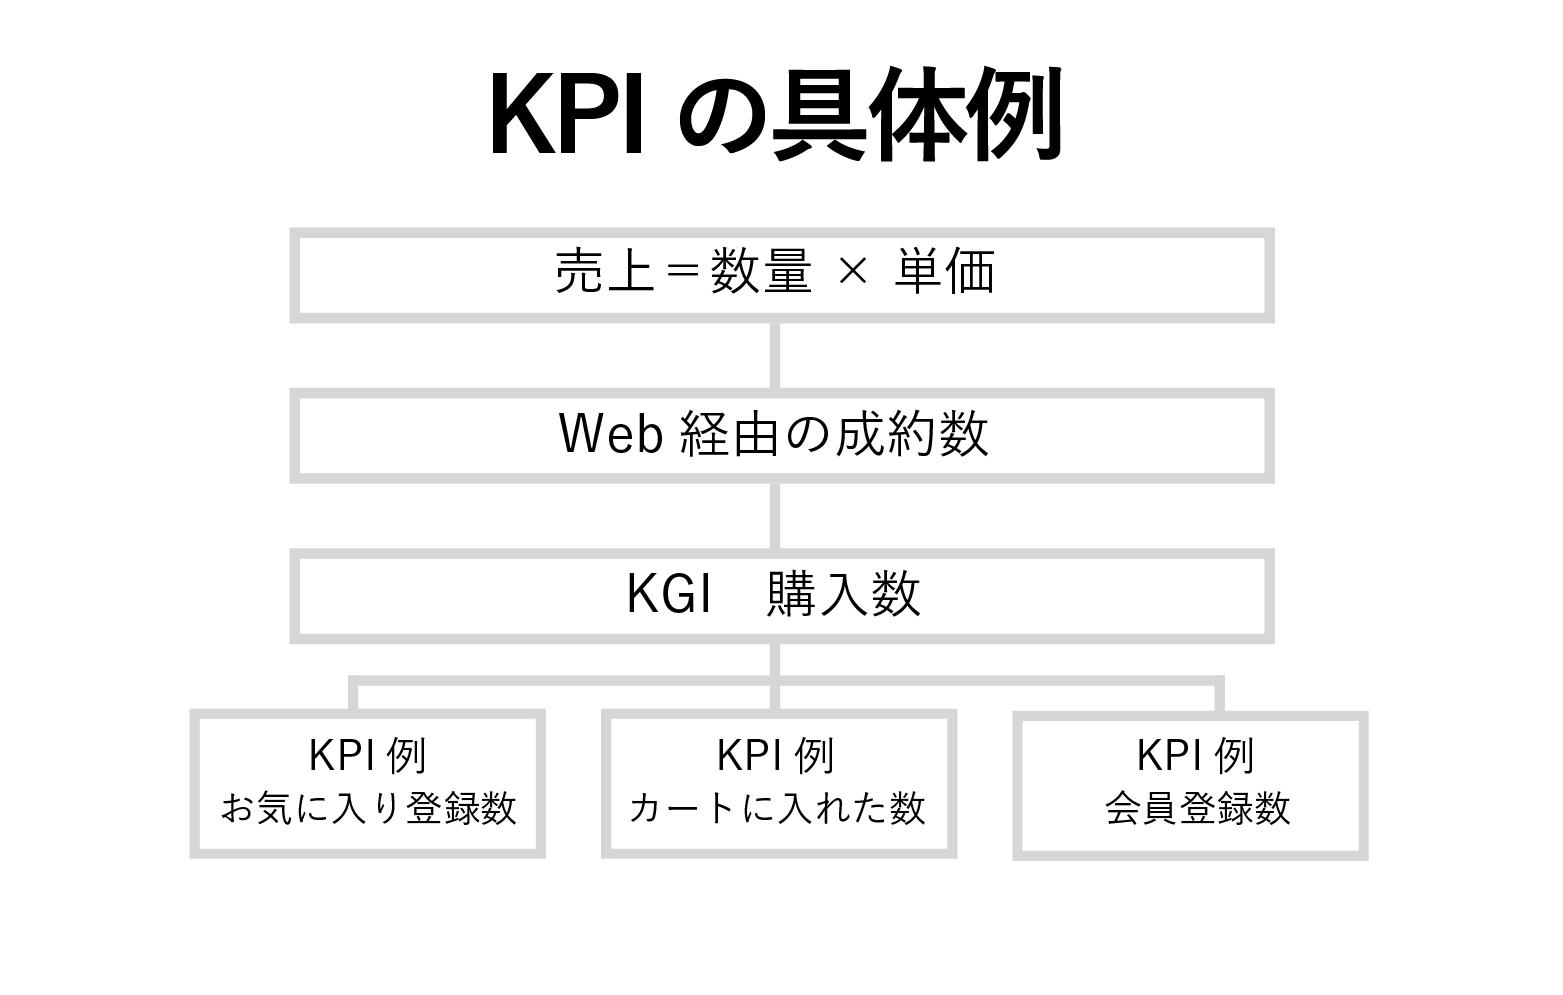 KPIの具体例